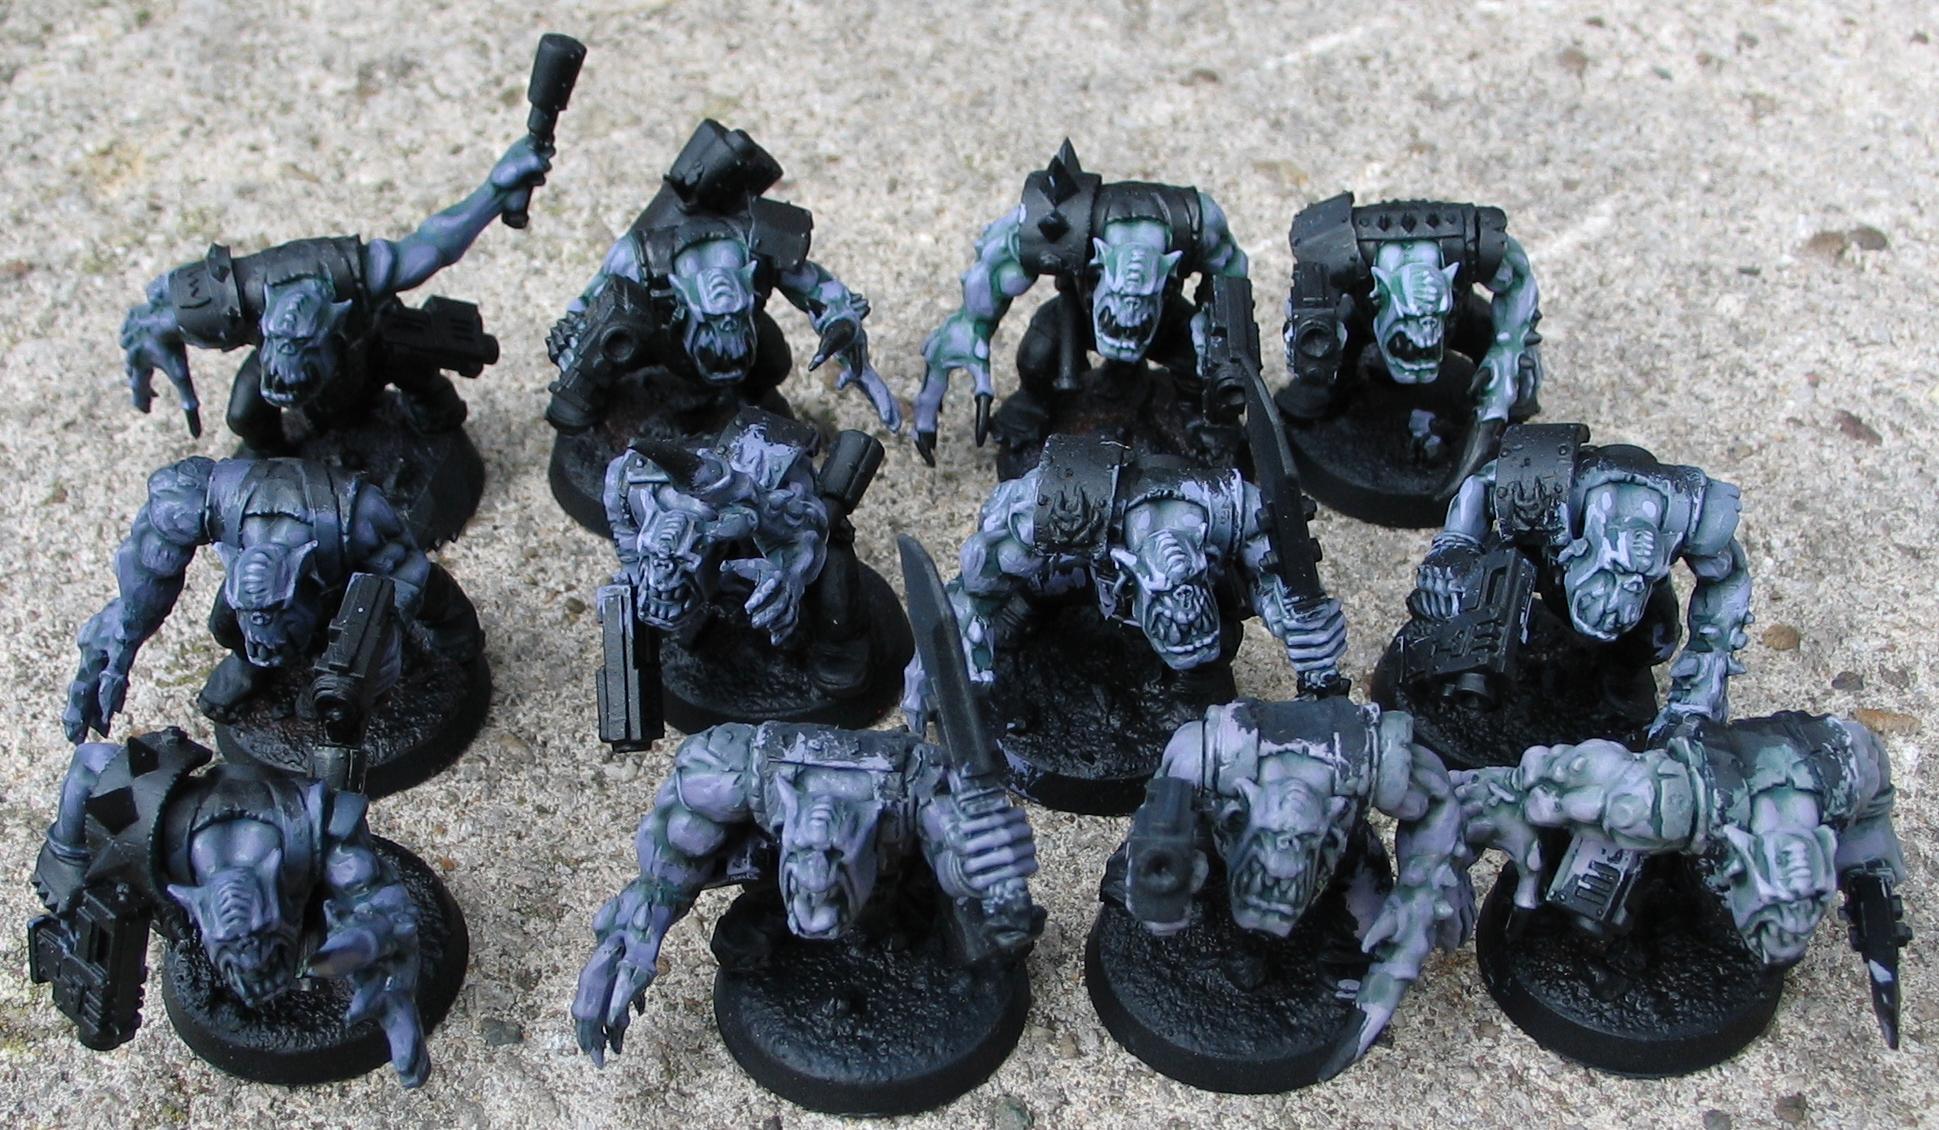 Genestealer Cult, Genestealer Hybrid, Kommando, Orks